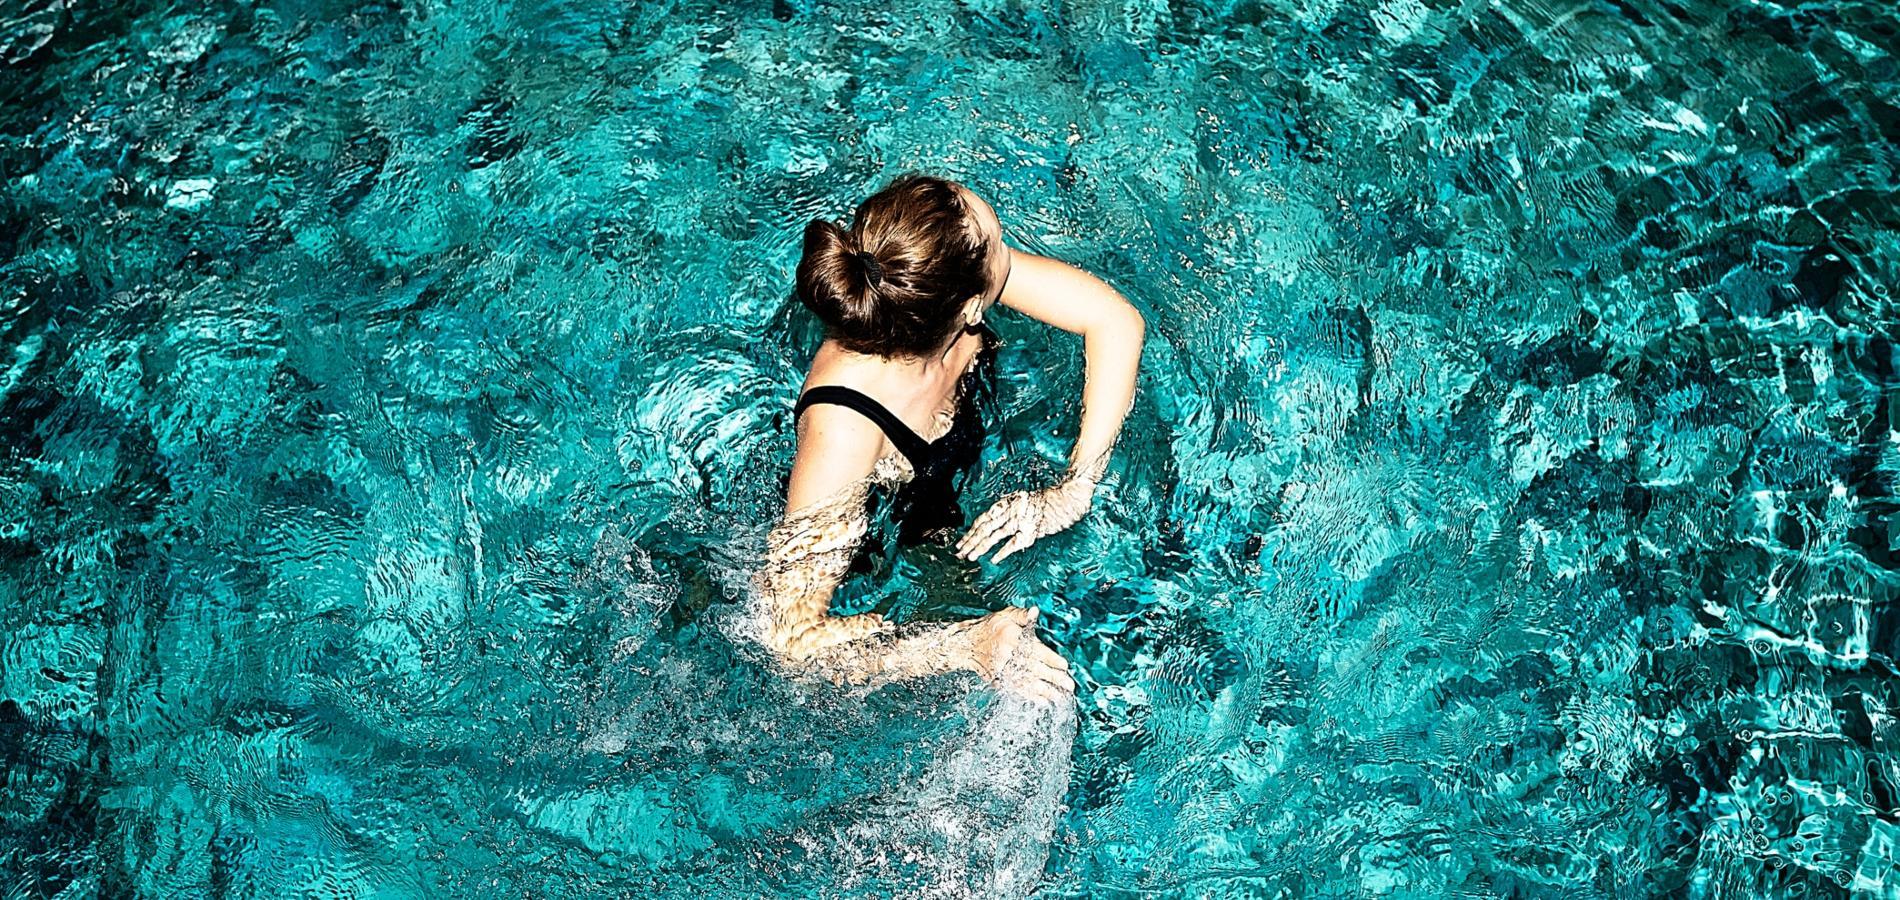 Piscine A Moins De 100 Euros natation : dix maillots de bain de qualité à moins de 50